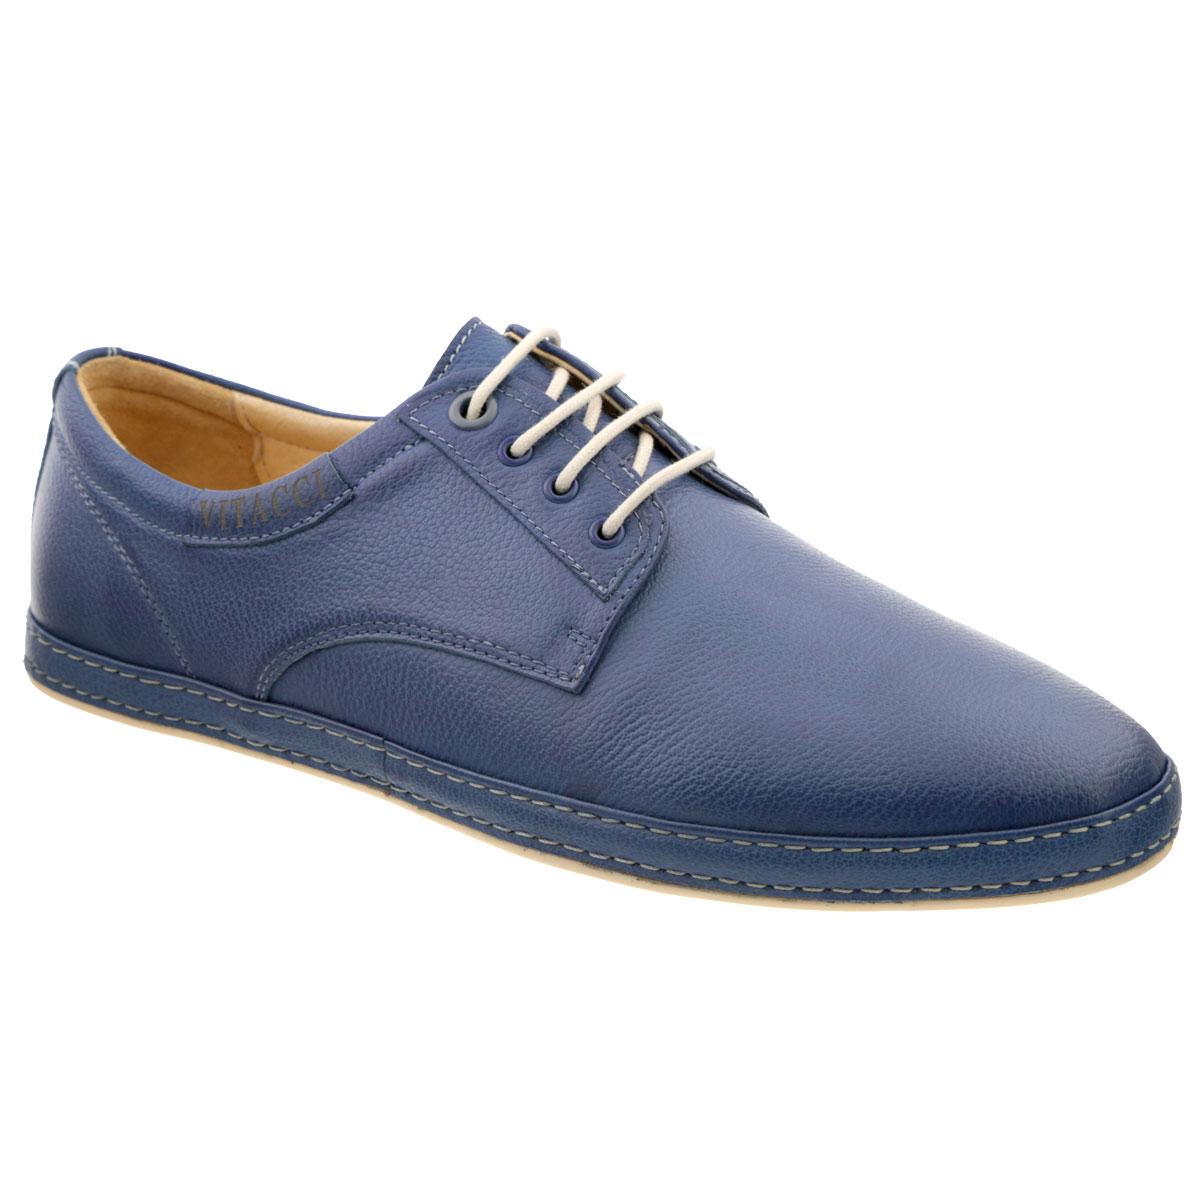 M15027**Стильные мужские туфли Vitacci покорят вас своим удобством. Модель выполнена из натуральной высококачественной кожи и декорирована двойной прострочкой вдоль ранта, задним наружным ремнем. Боковая сторона оформлена тисненой надписью в виде названия бренда. Шнуровка прочно зафиксирует модель на вашей ноге. Съемная стелька из материала EVA с внешней поверхностью из натуральной кожи гарантирует комфорт при движении. Подошва с противоскользящим рифлением обеспечивает идеальное сцепление с поверхностью. Модные туфли прекрасно дополнят образ в стиле casual.